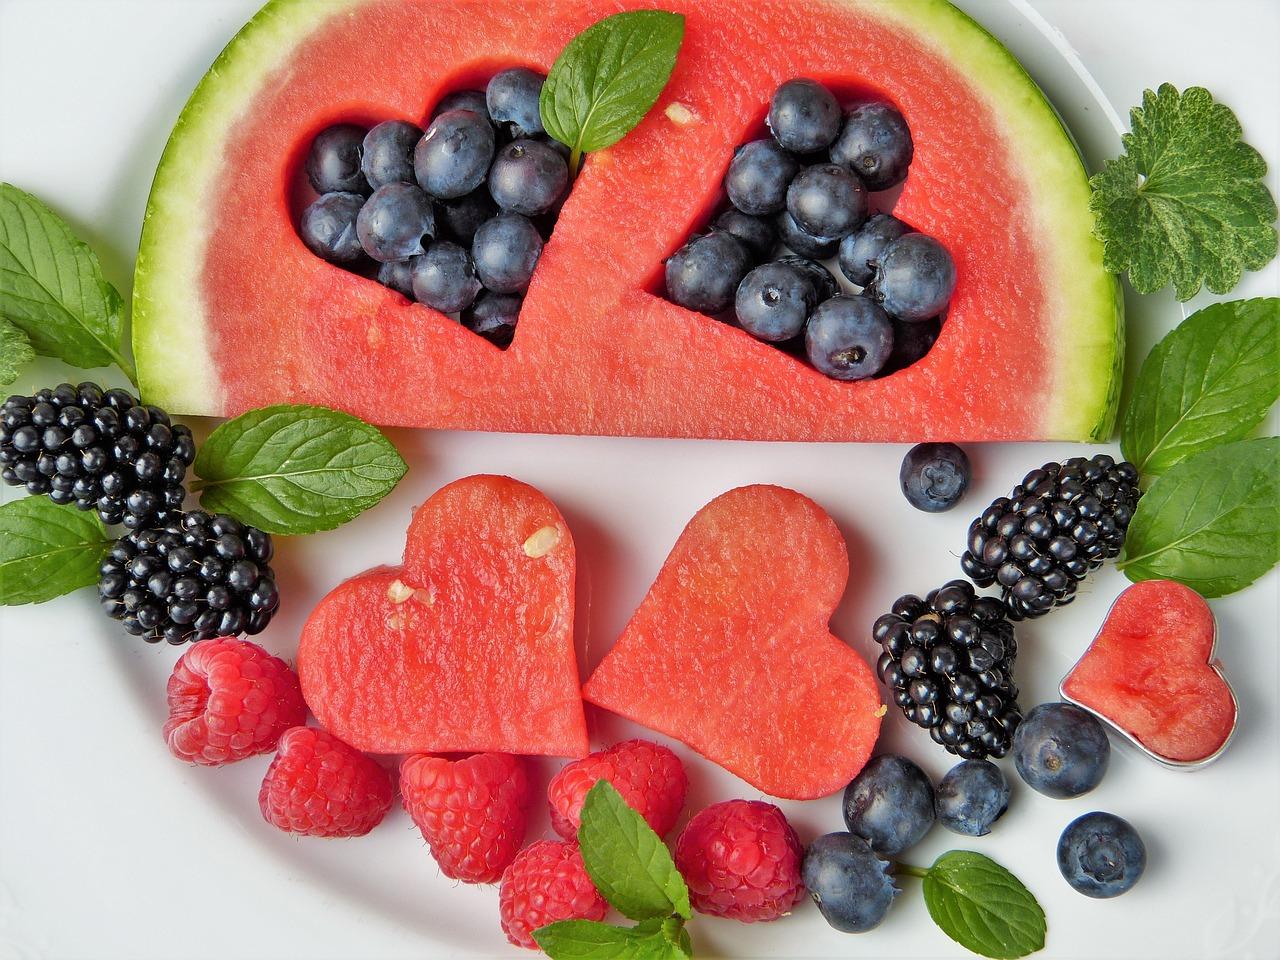 冬天必吃3種水果 可降30%心臟病風險